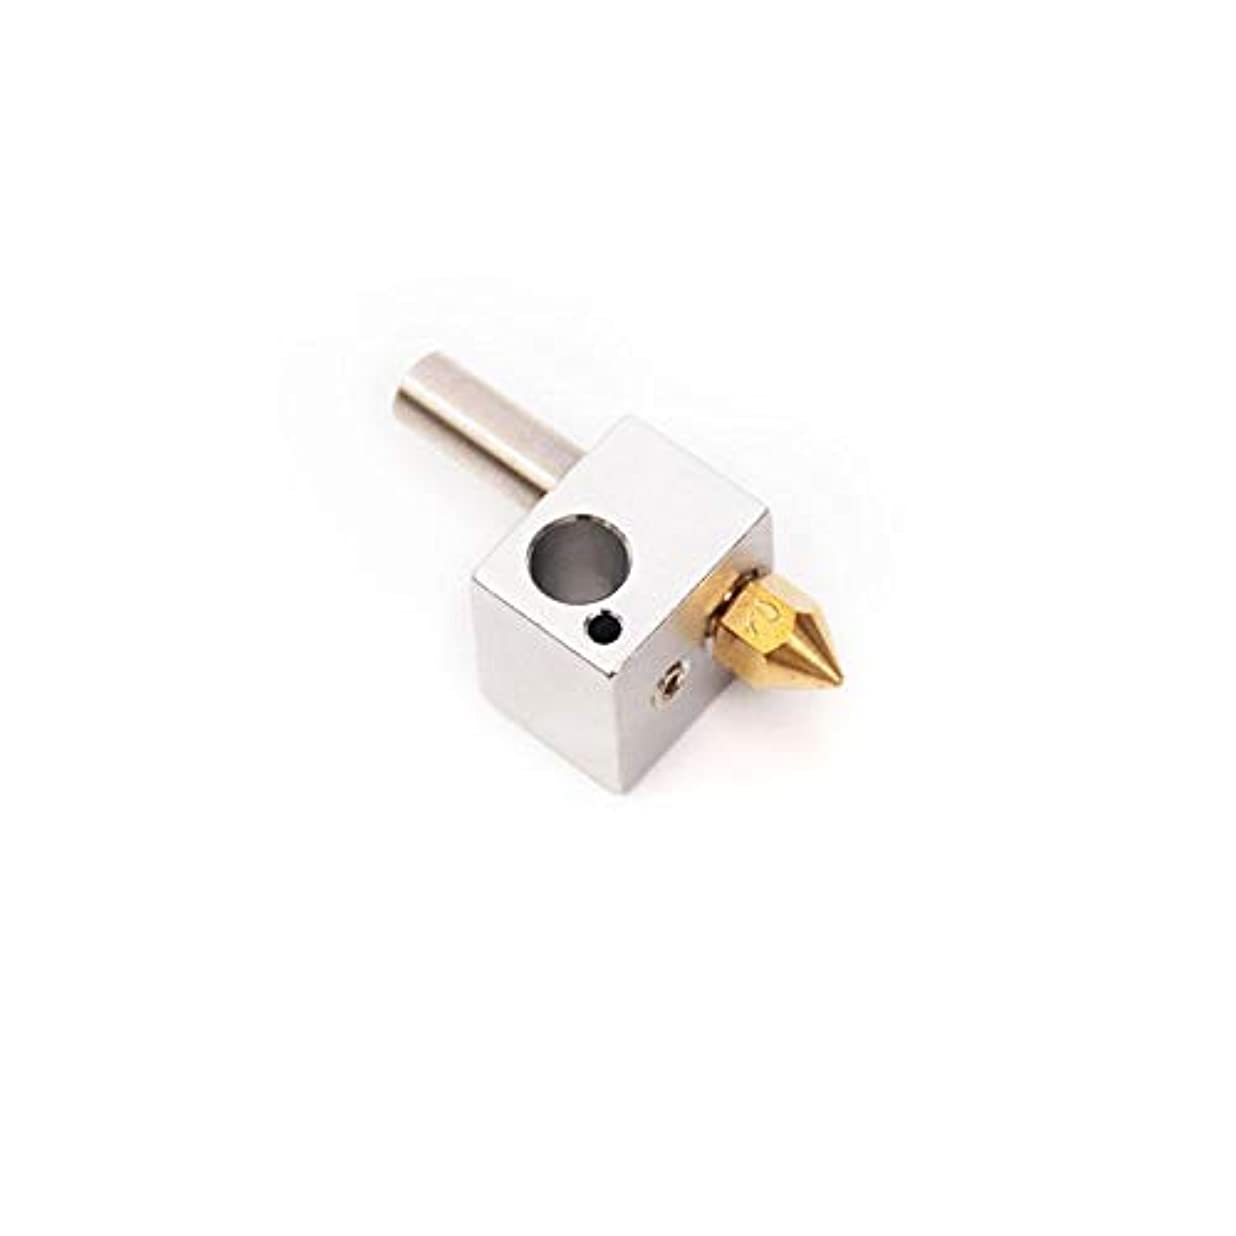 情報急性沿ってperfk PTFEチューブ 3Dプリンタ1.75フィラメント用 2.0mm ID/3.0mm OD 絶縁性